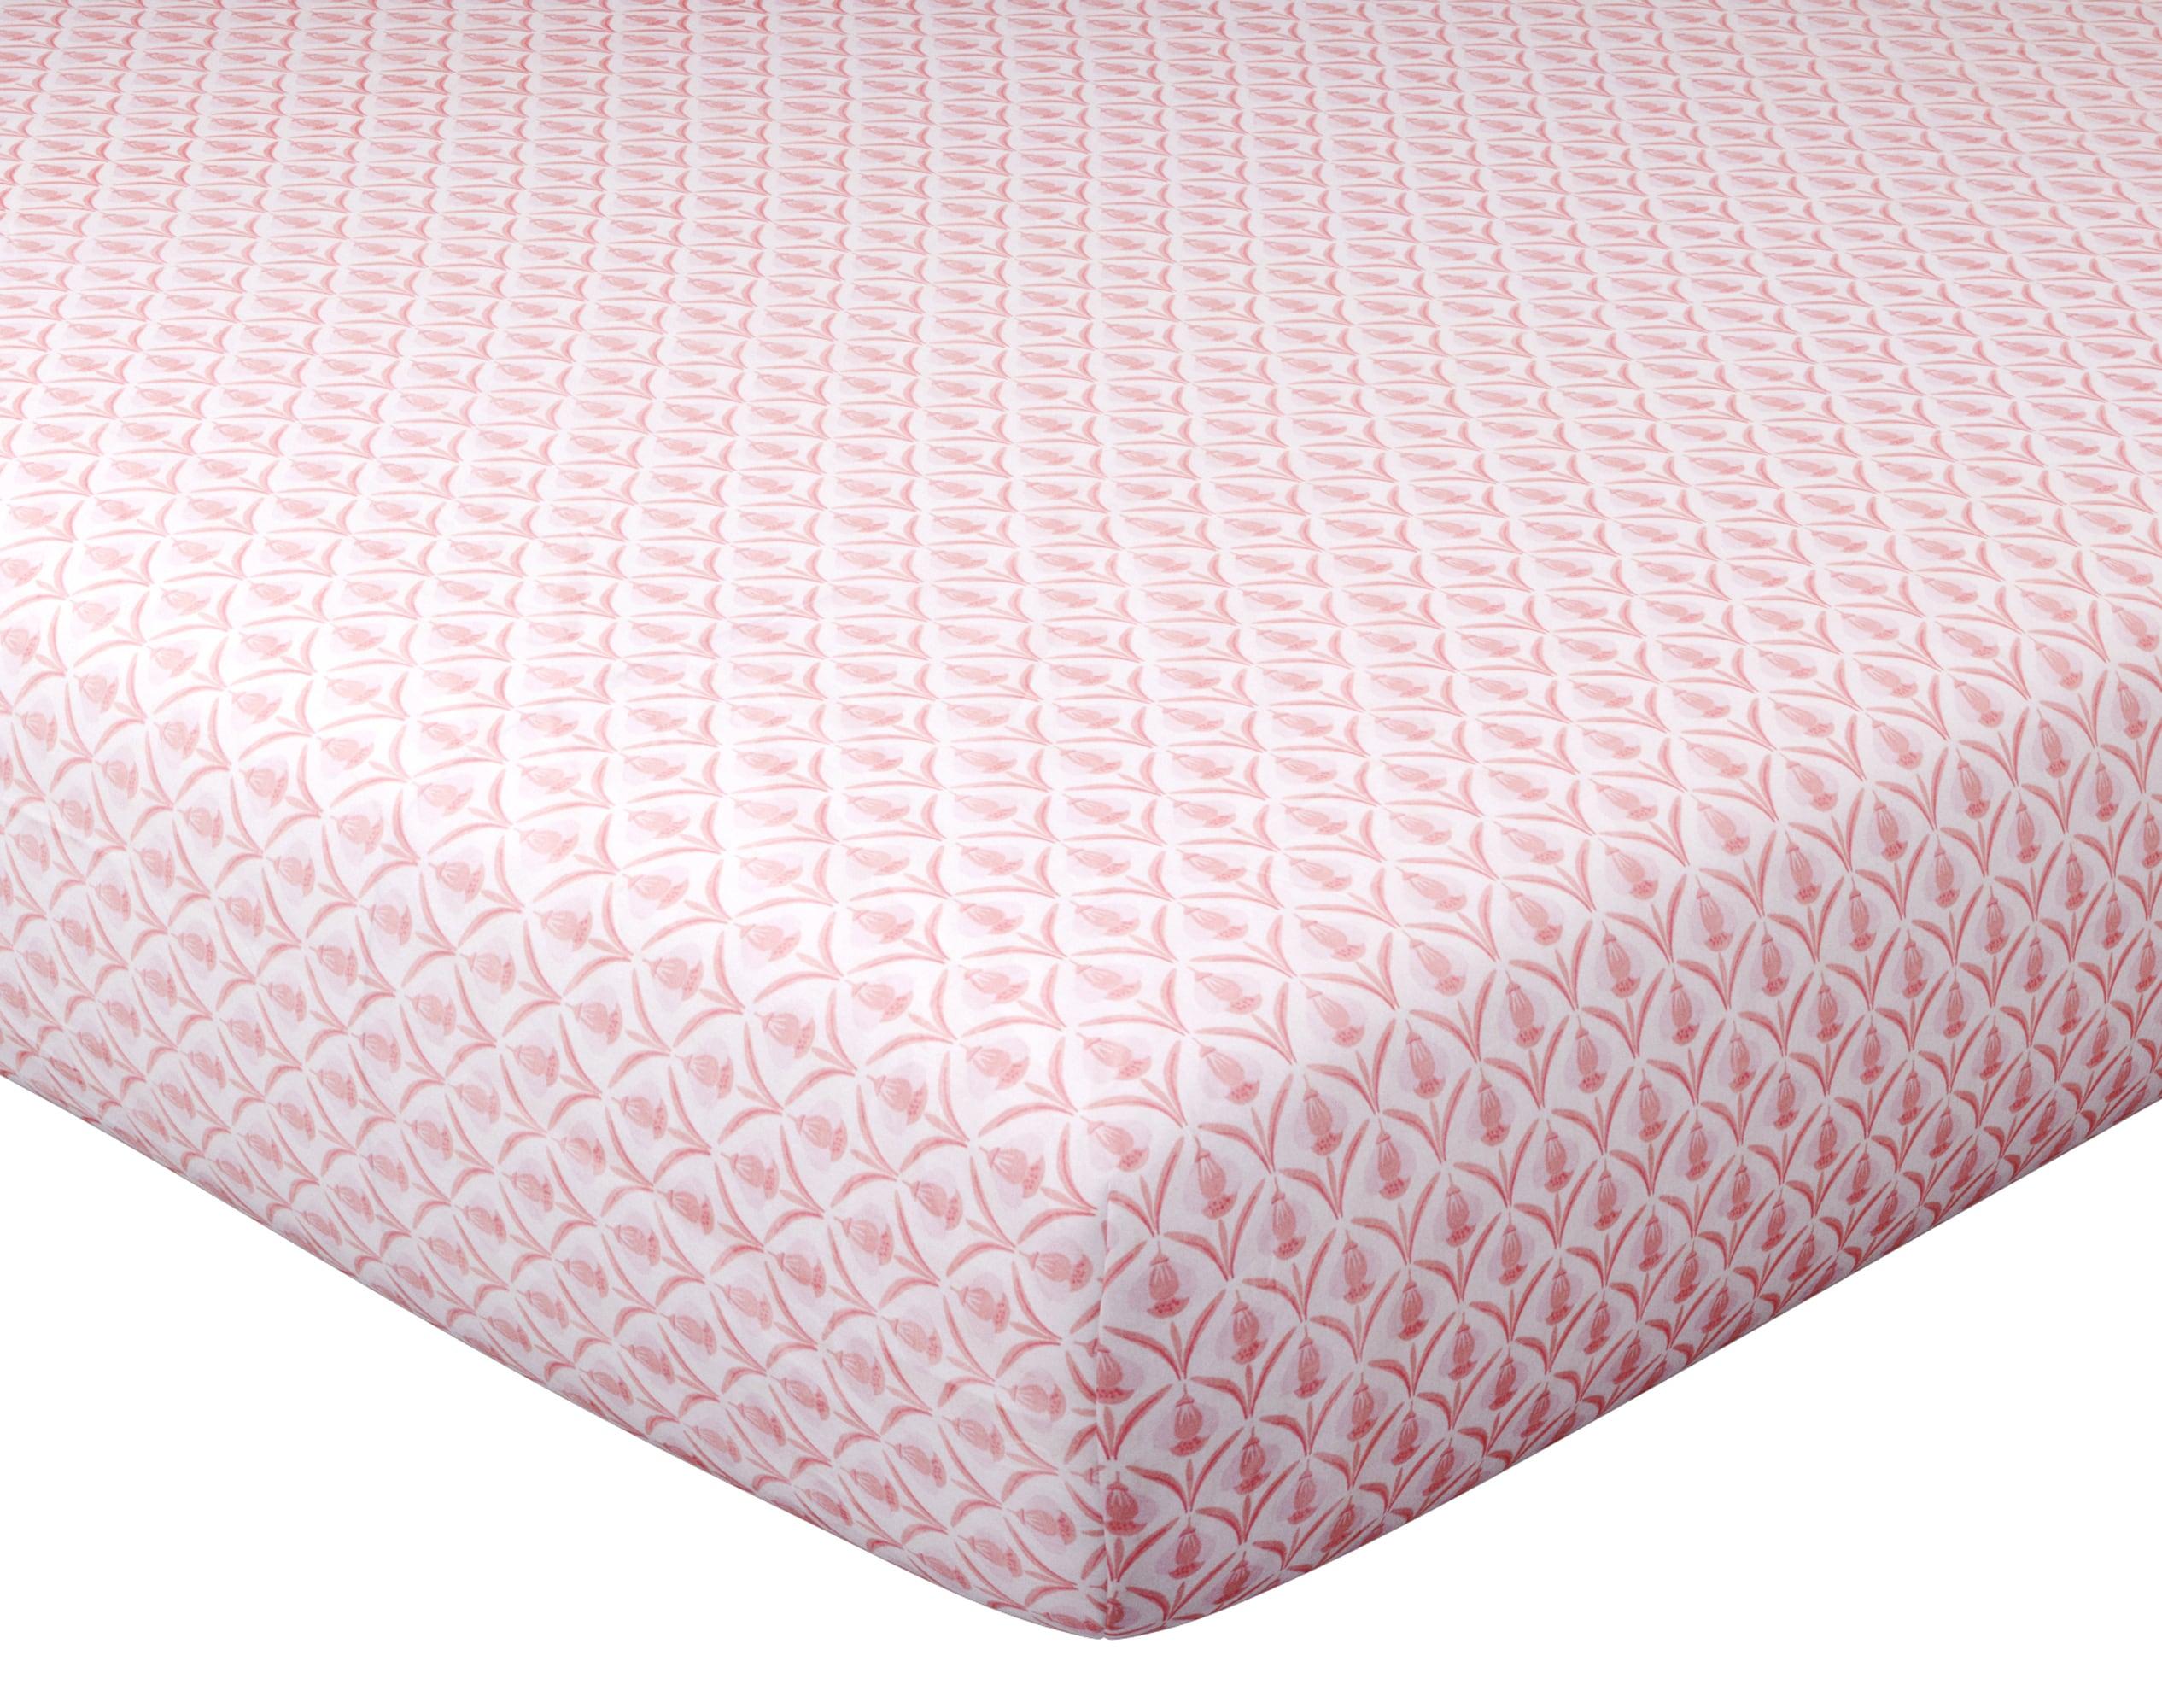 Drap-housse 140x190 en coton rose blush